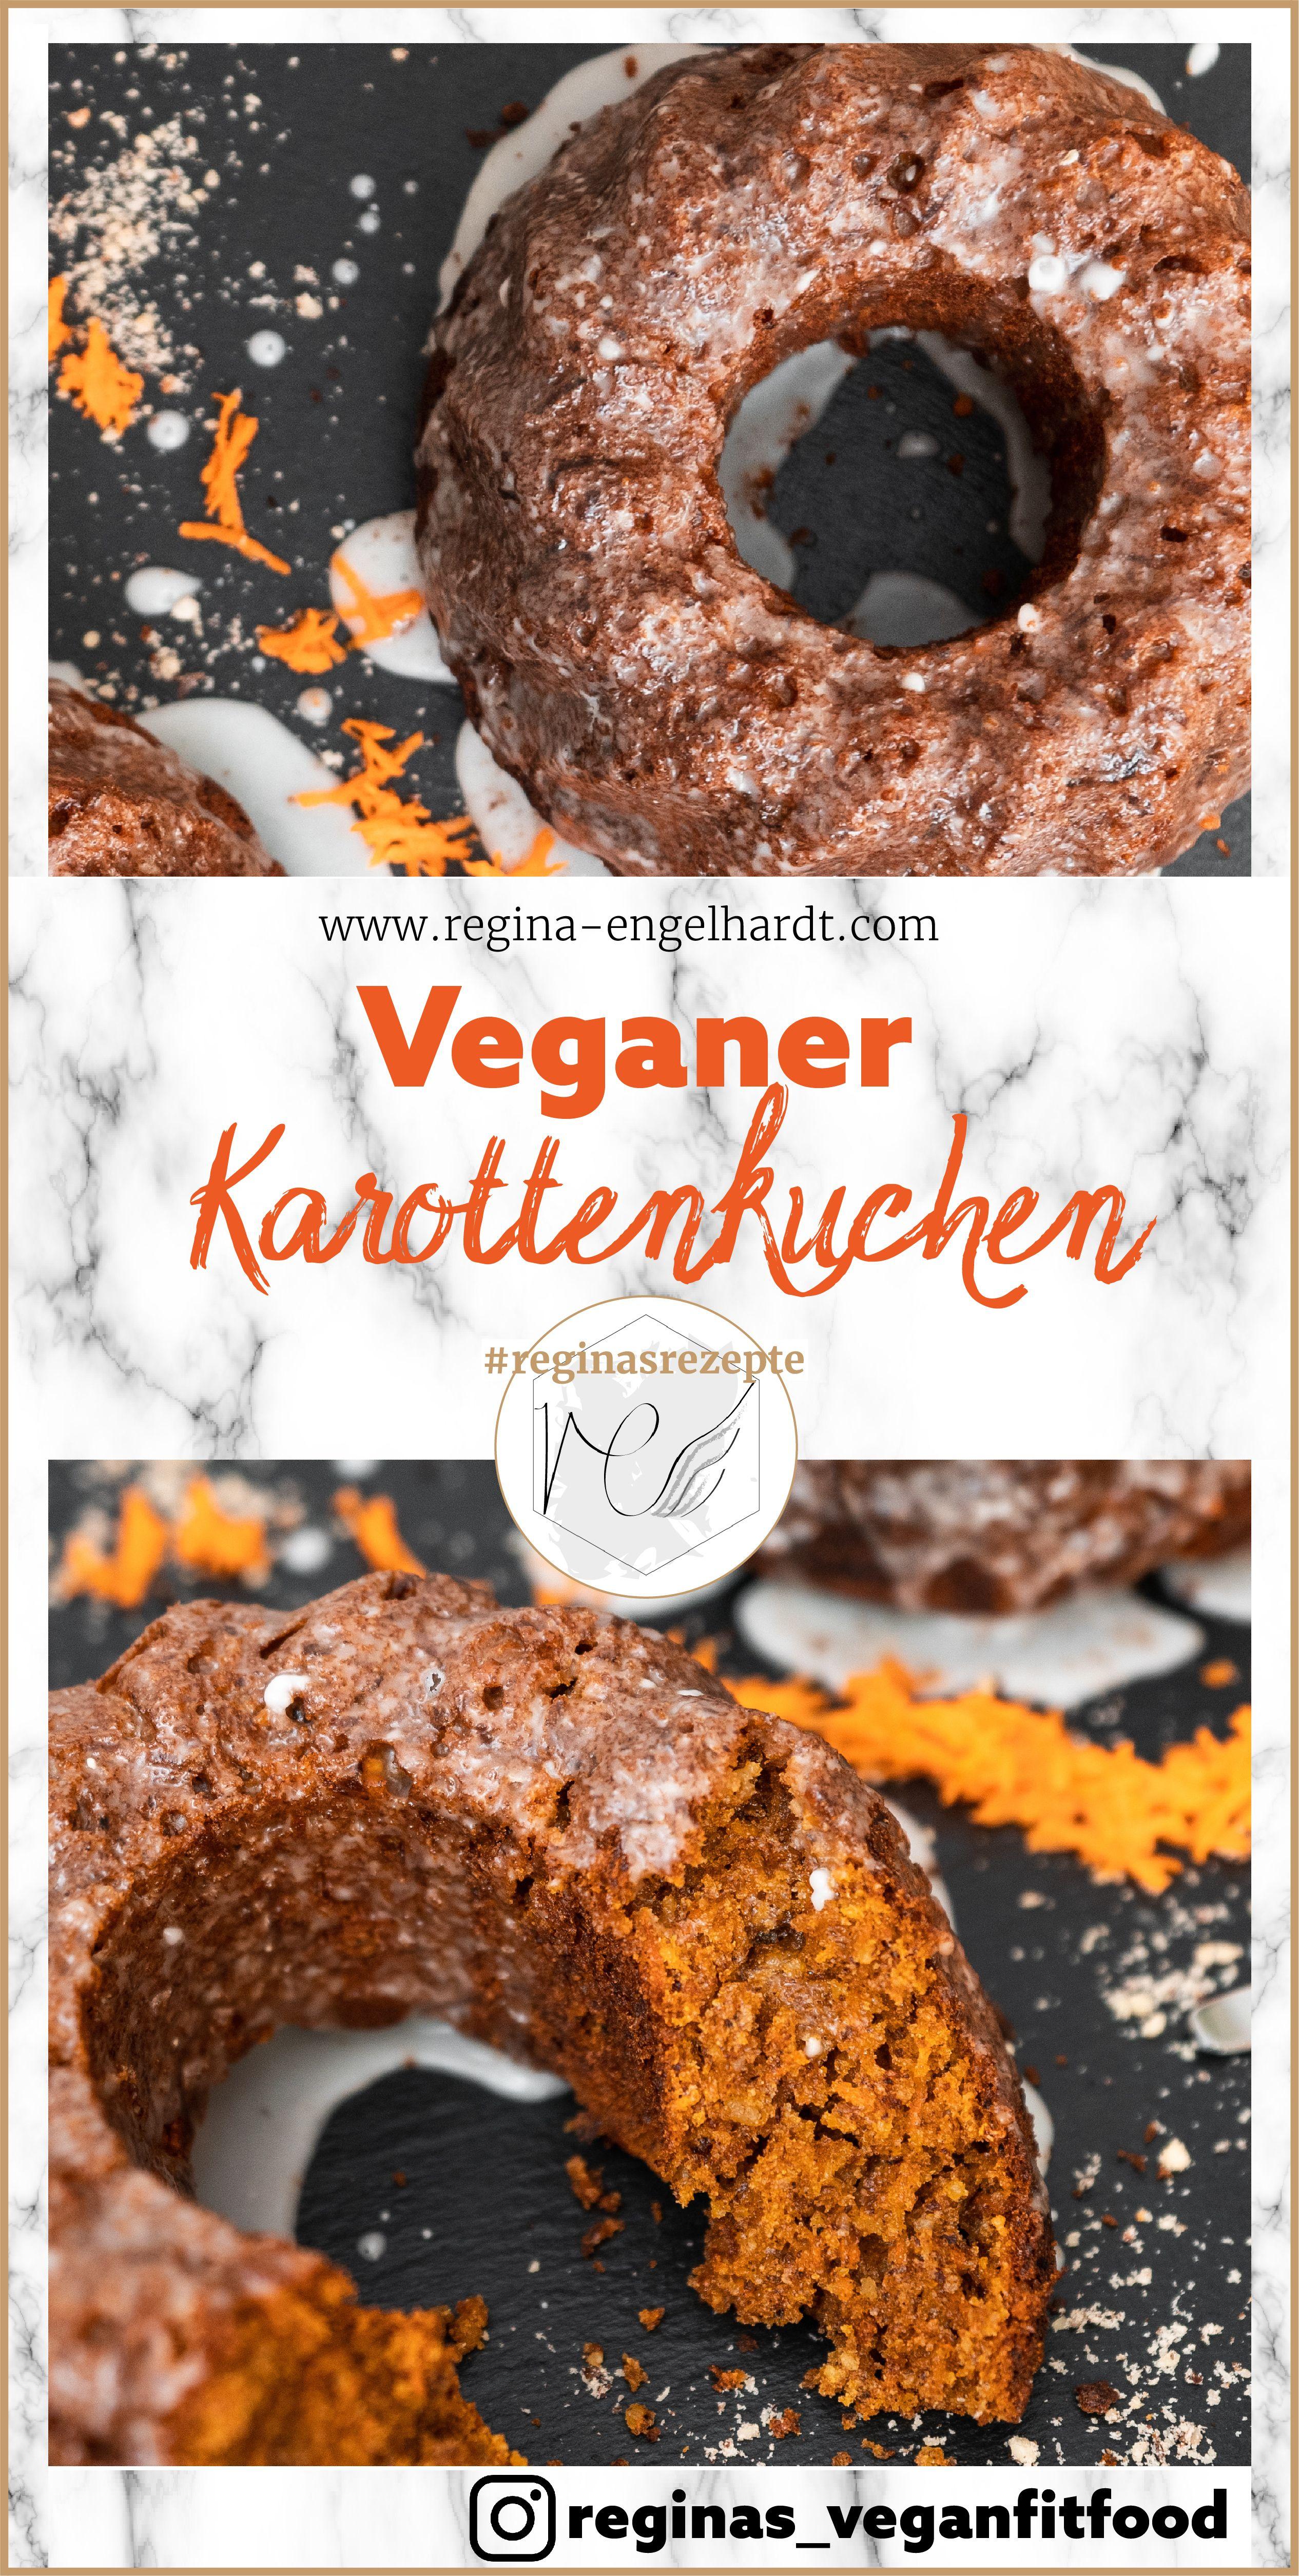 Veganer Karottenkuchen Regina Engelhardt Rezept Karottenkuchen Vegan Karottenkuchen Karotten Kuchen